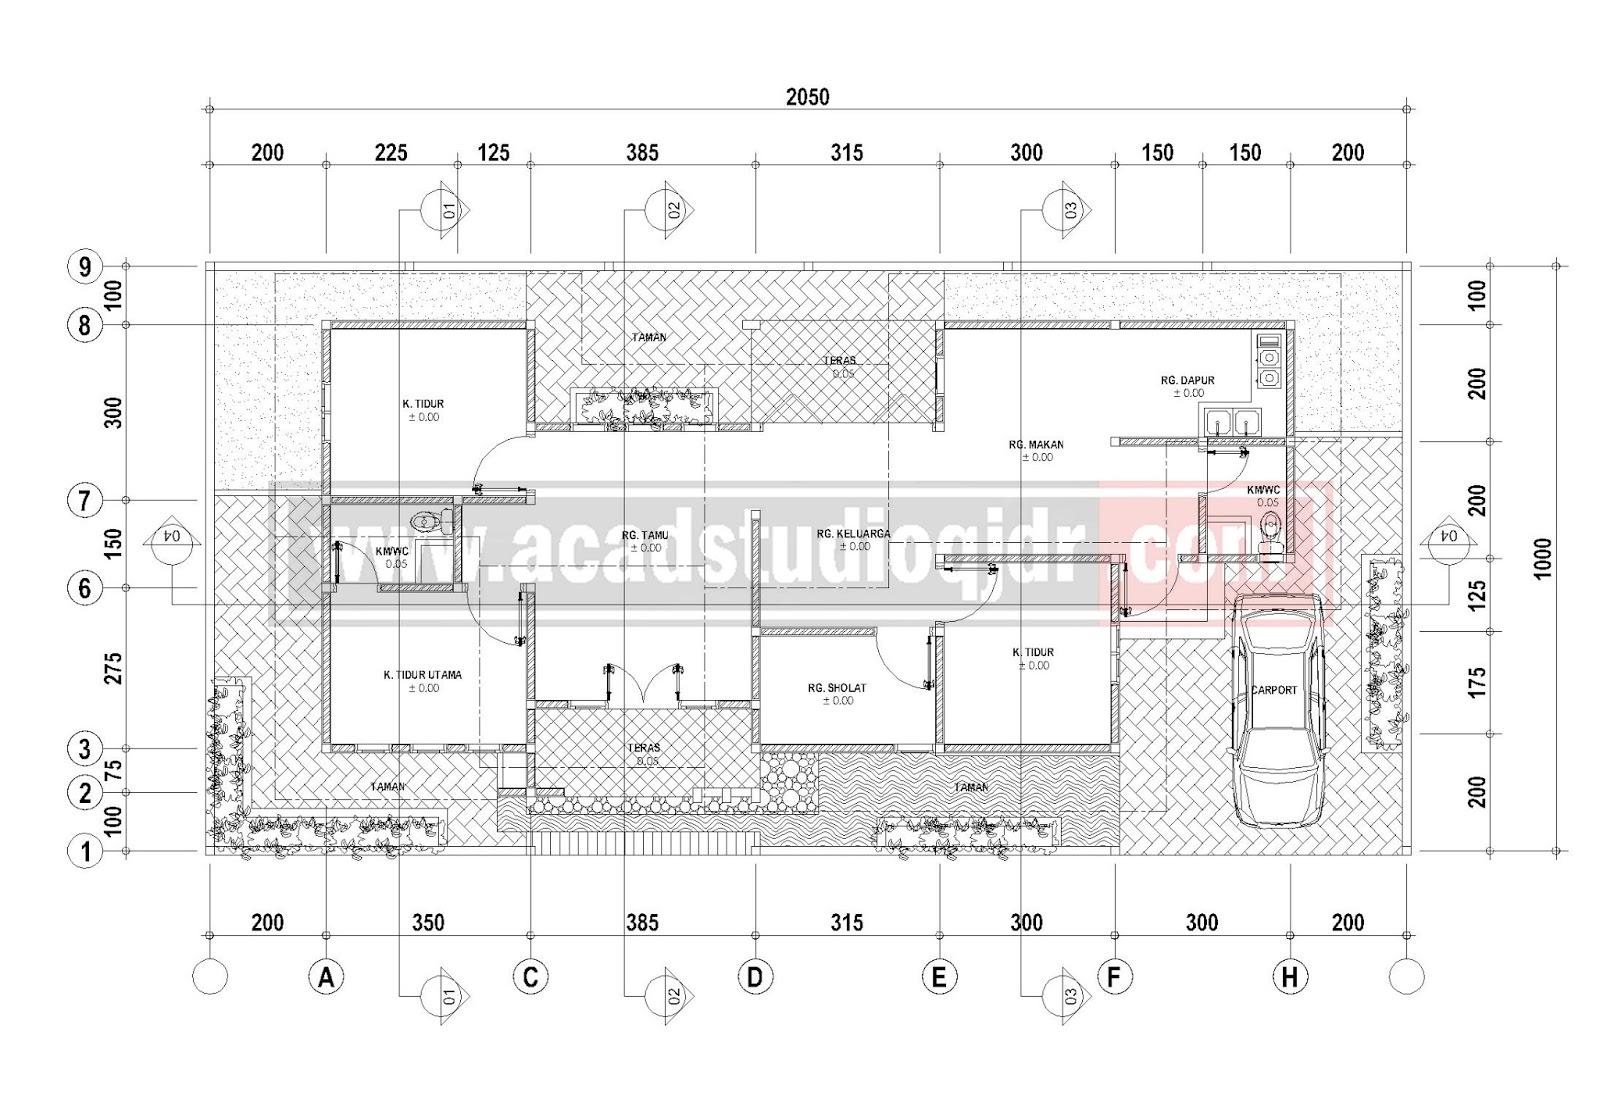 Desain Rumah Minimalis Dengan Tanah Memanjang  Desain Rumah Minimalis  Terbaru Untuk